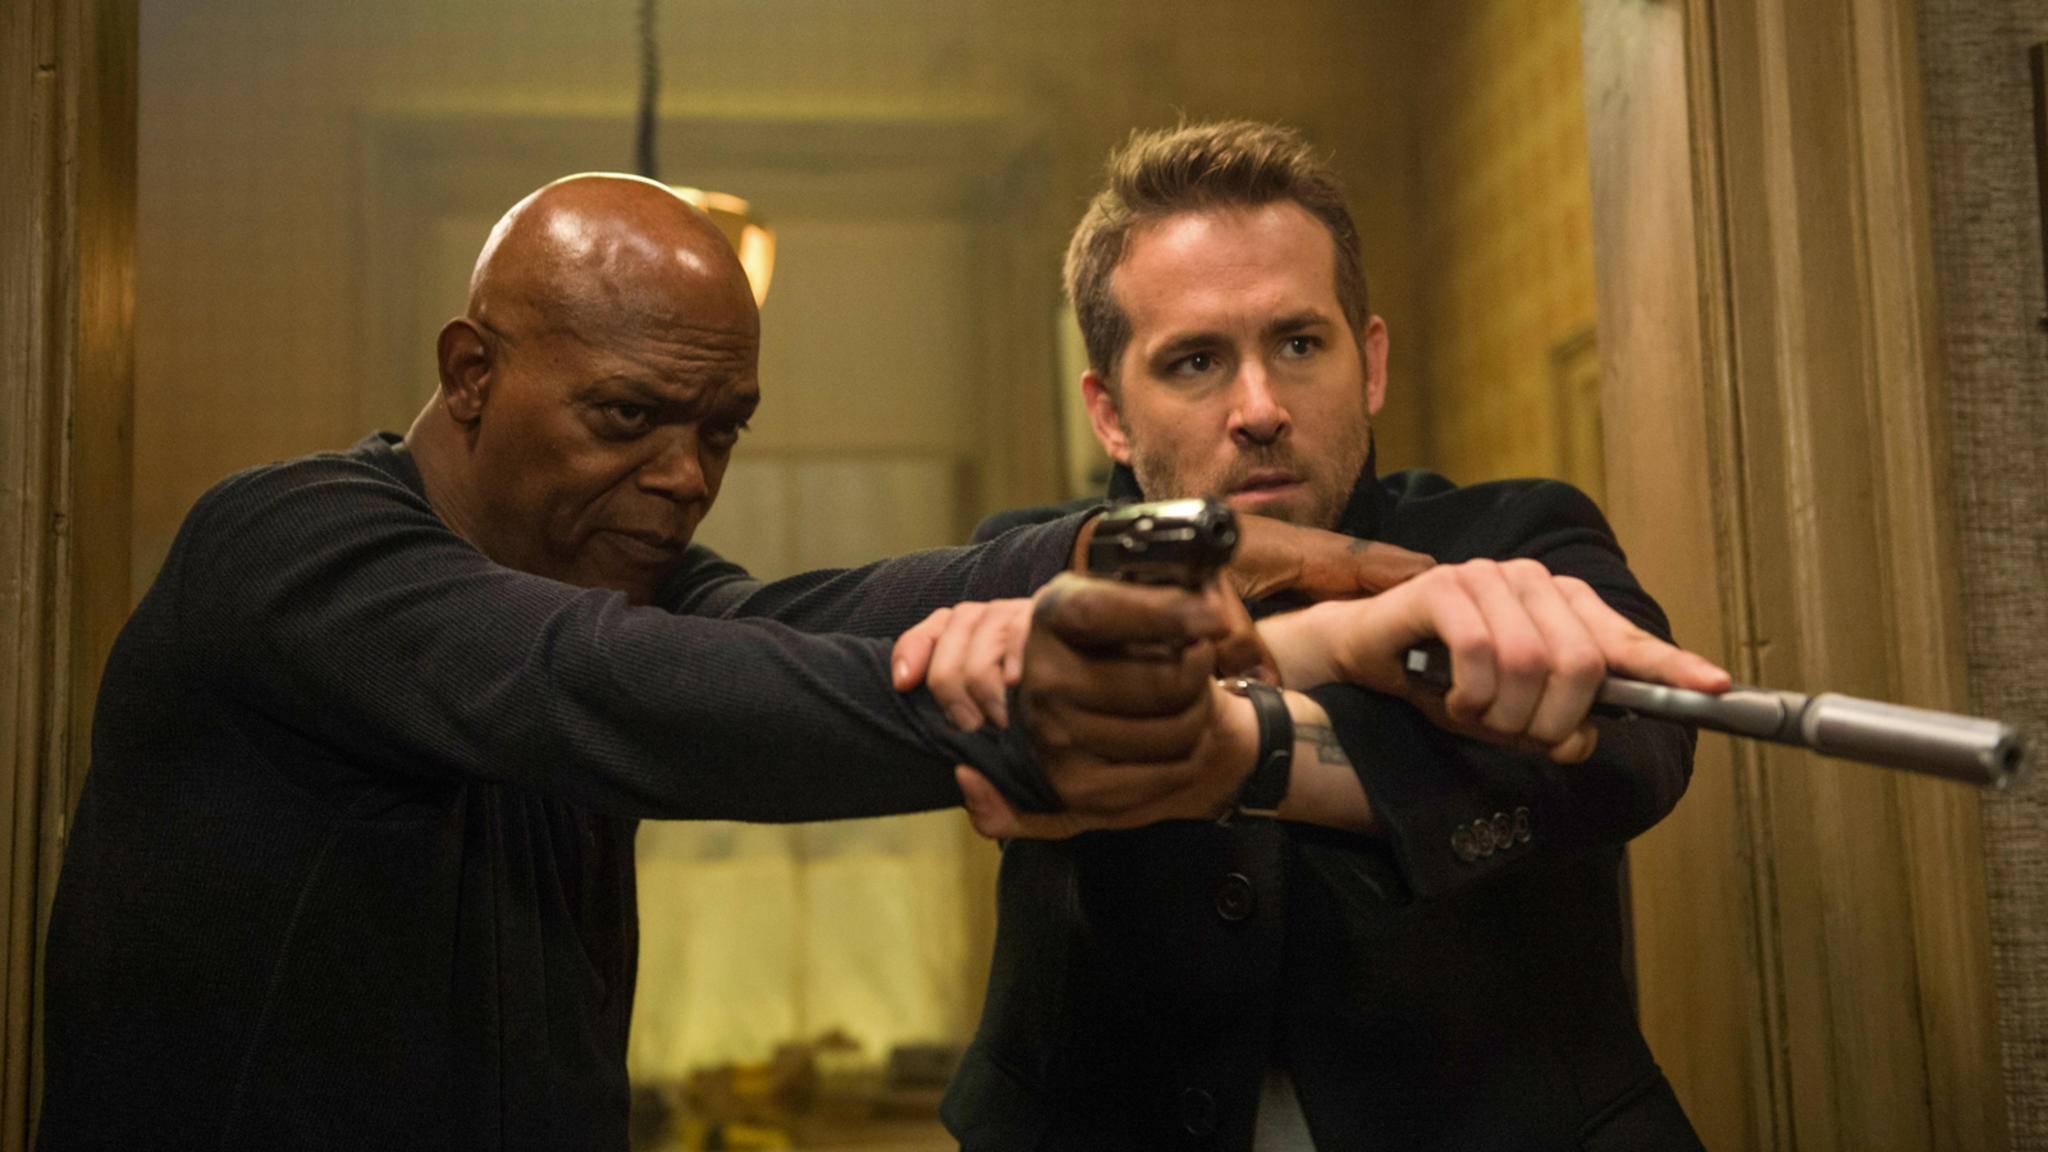 Oder war es doch Ryan Reynolds (rechts) mit der Pistole in der Eingangshalle?